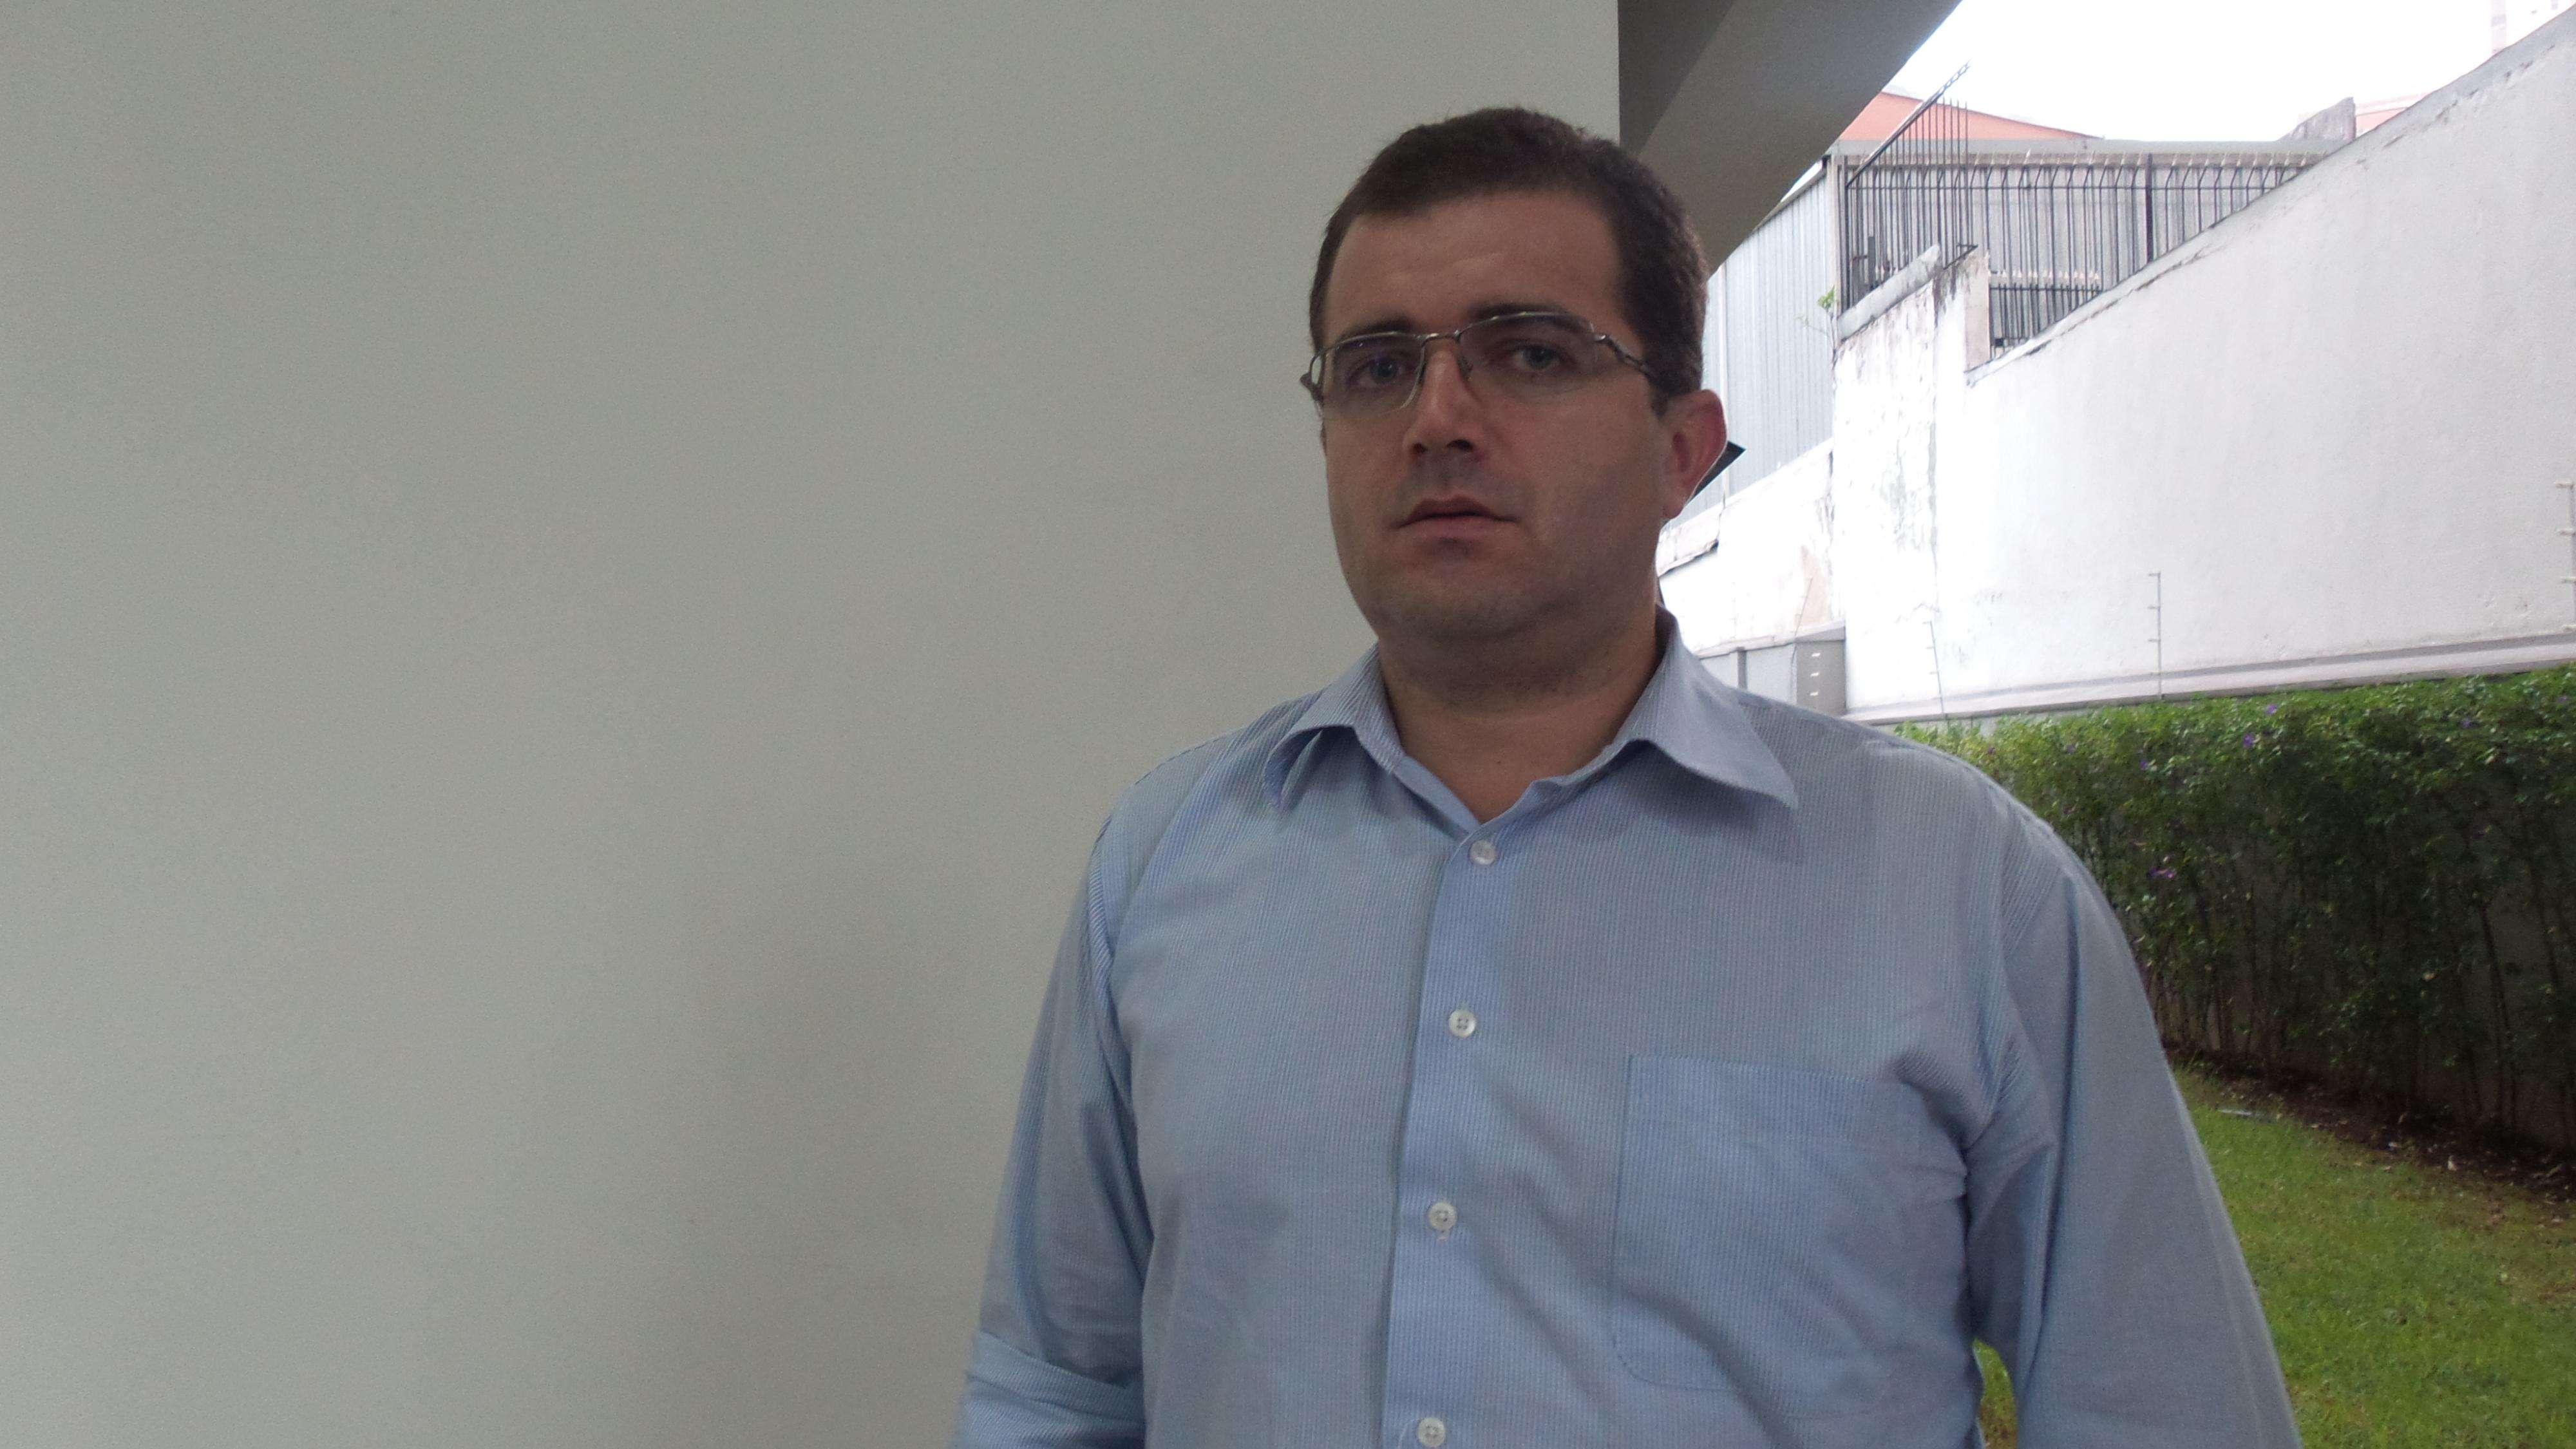 André Antunes, 37 anos, criou um perfil contra a presidente Dilma nas redes sociais Foto: Janaina Garcia/Terra